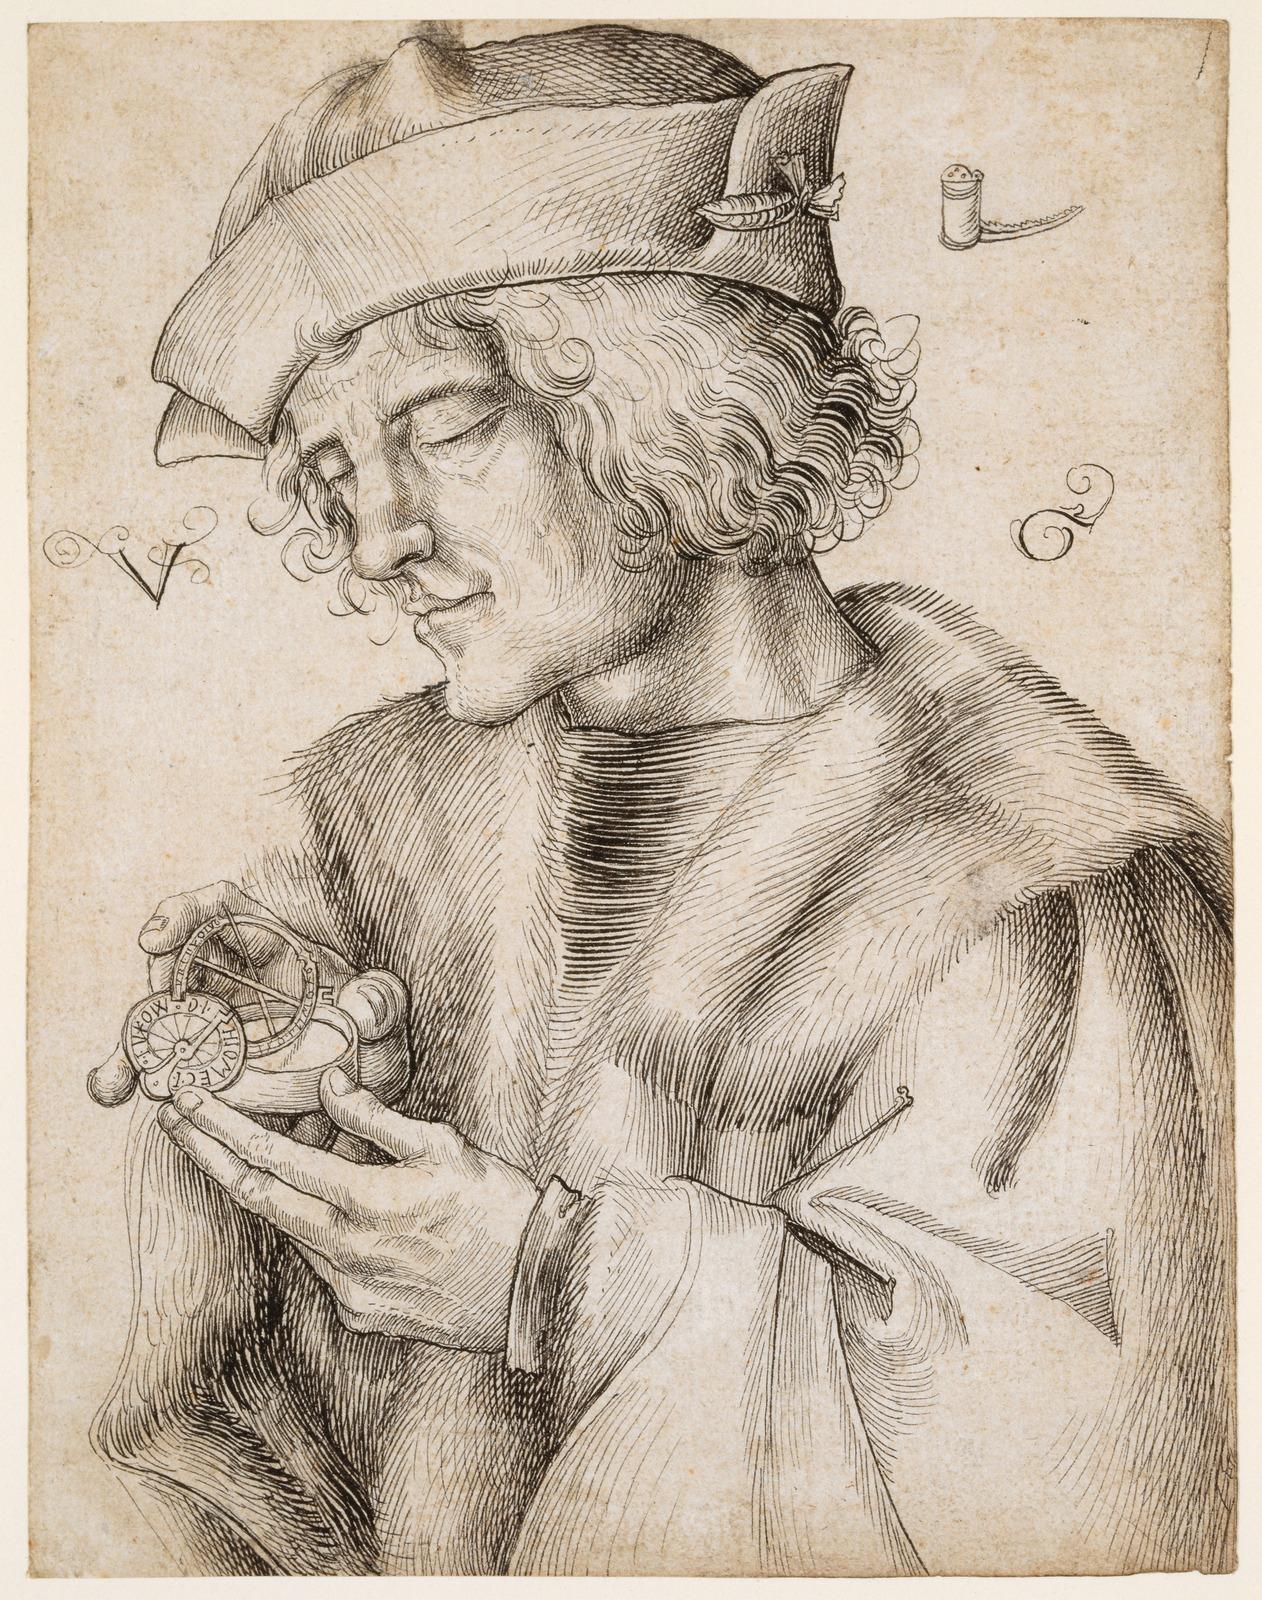 Портрет мужчины с карманными солнечными часами (Portrait of a man with pocket sundial)_1505-1508_19.2 х 14.8_бумага, перо черным тоном_Базель, Кунстм…